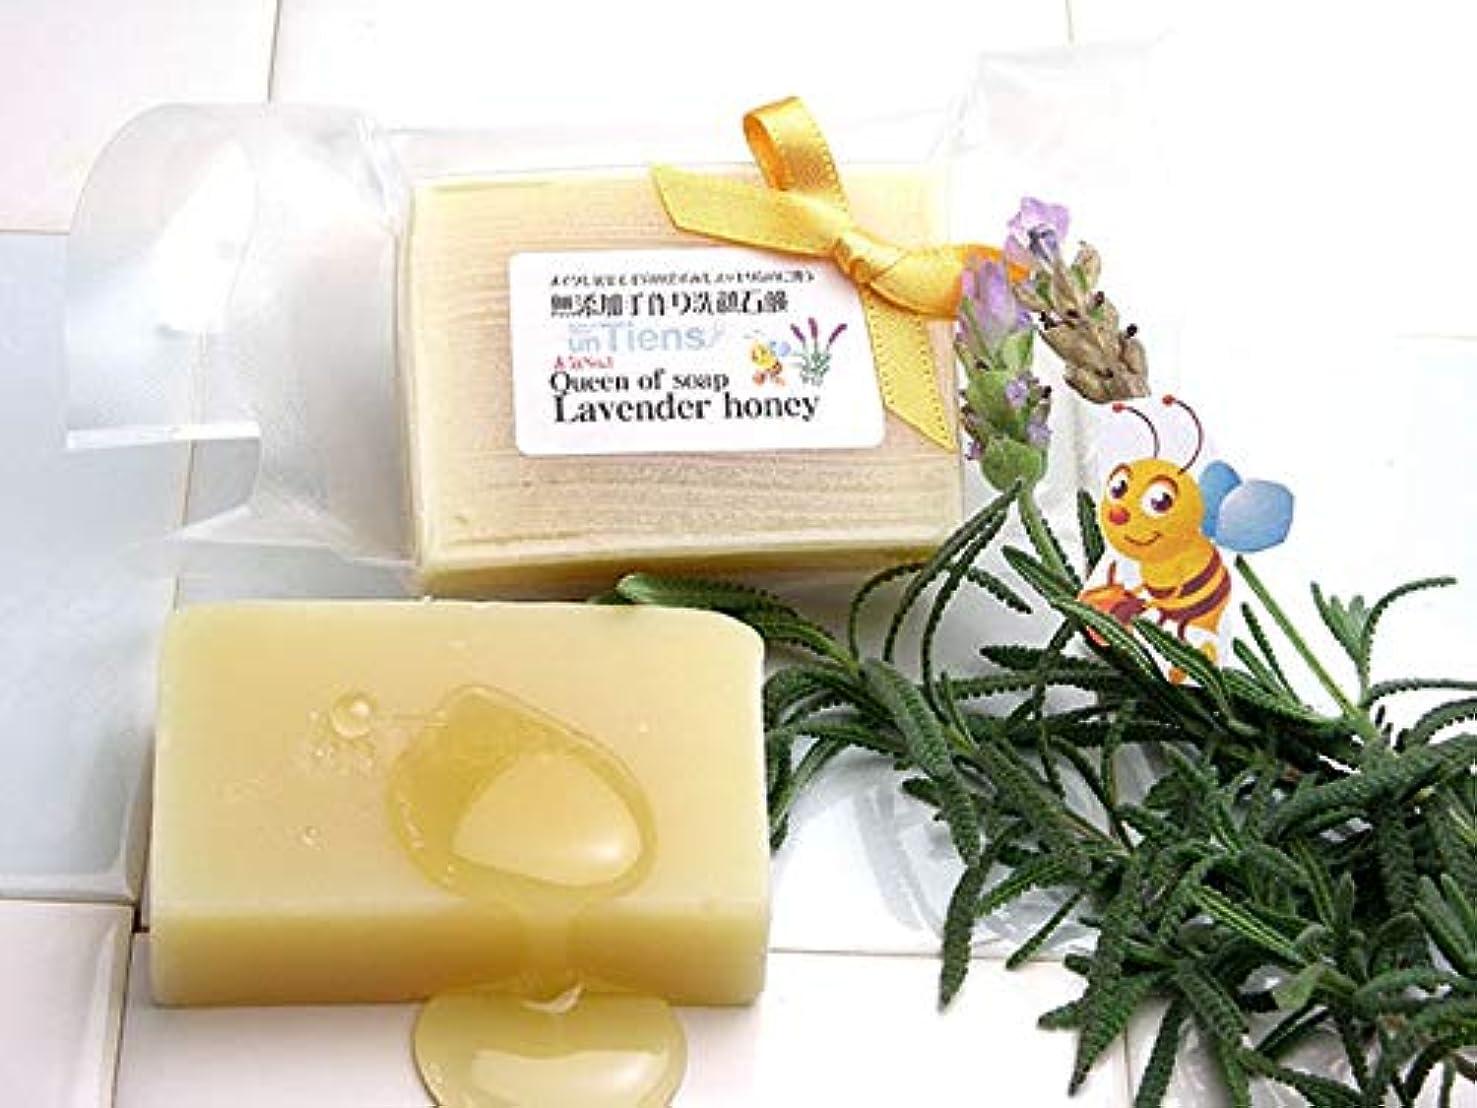 ケープ競争力のある批判手作り洗顔石鹸アンティアン クイーンオブソープ 人気No,1、潤いの洗顔、毛穴もスッキリ明るい肌色「ラベンダーハニー」 40g